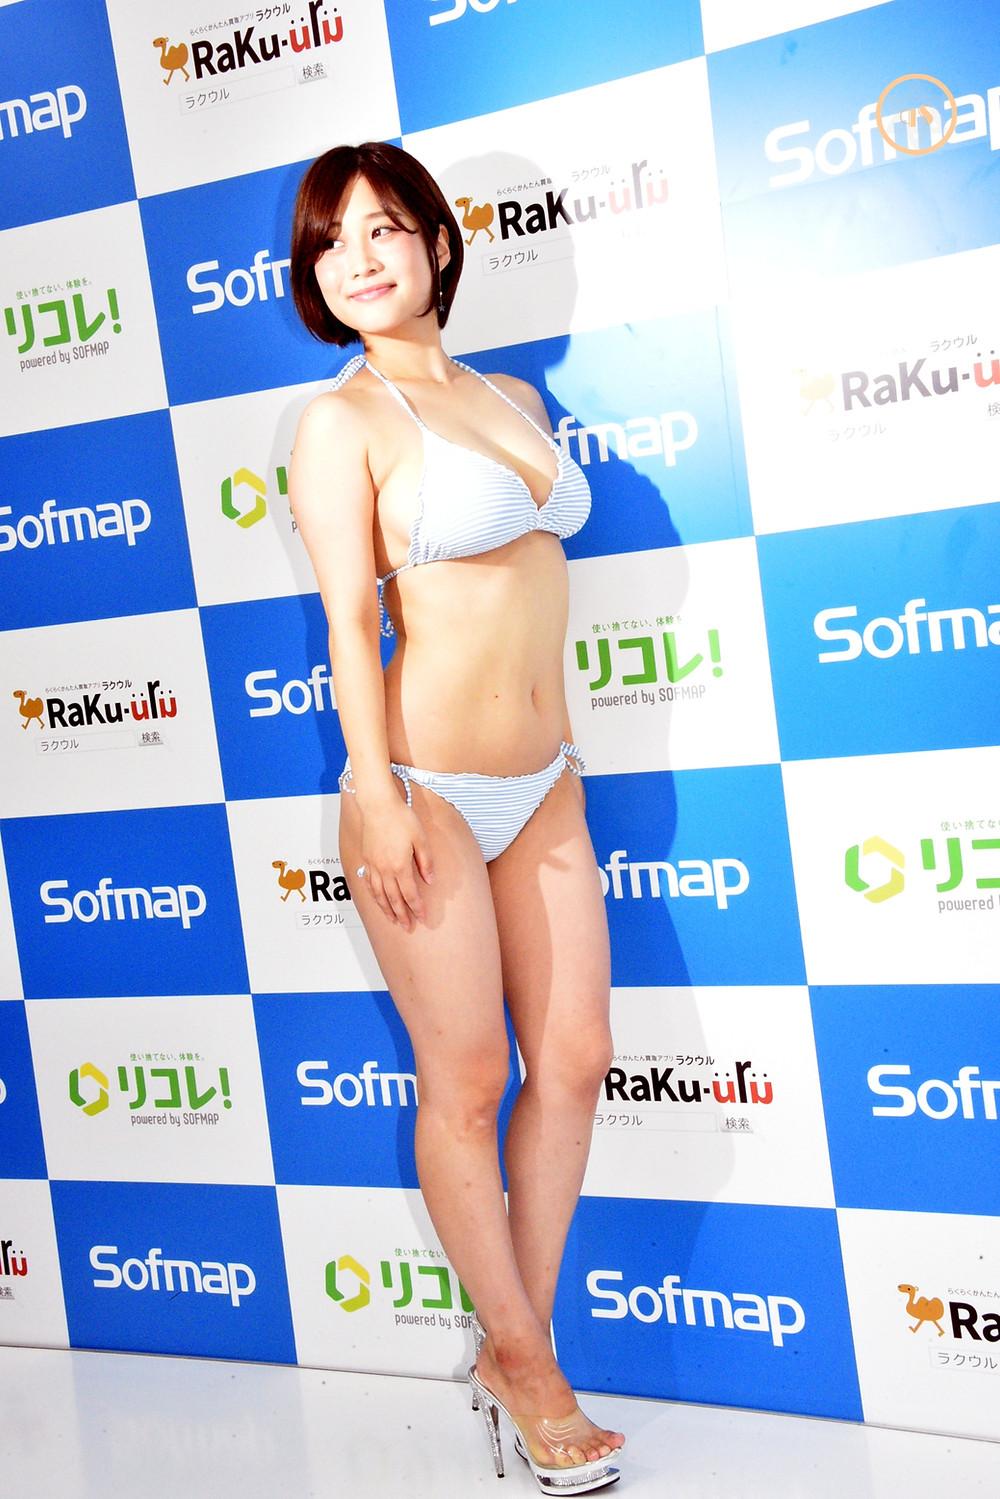 巨乳Hカップグラビアアイドル高橋凛 (1)